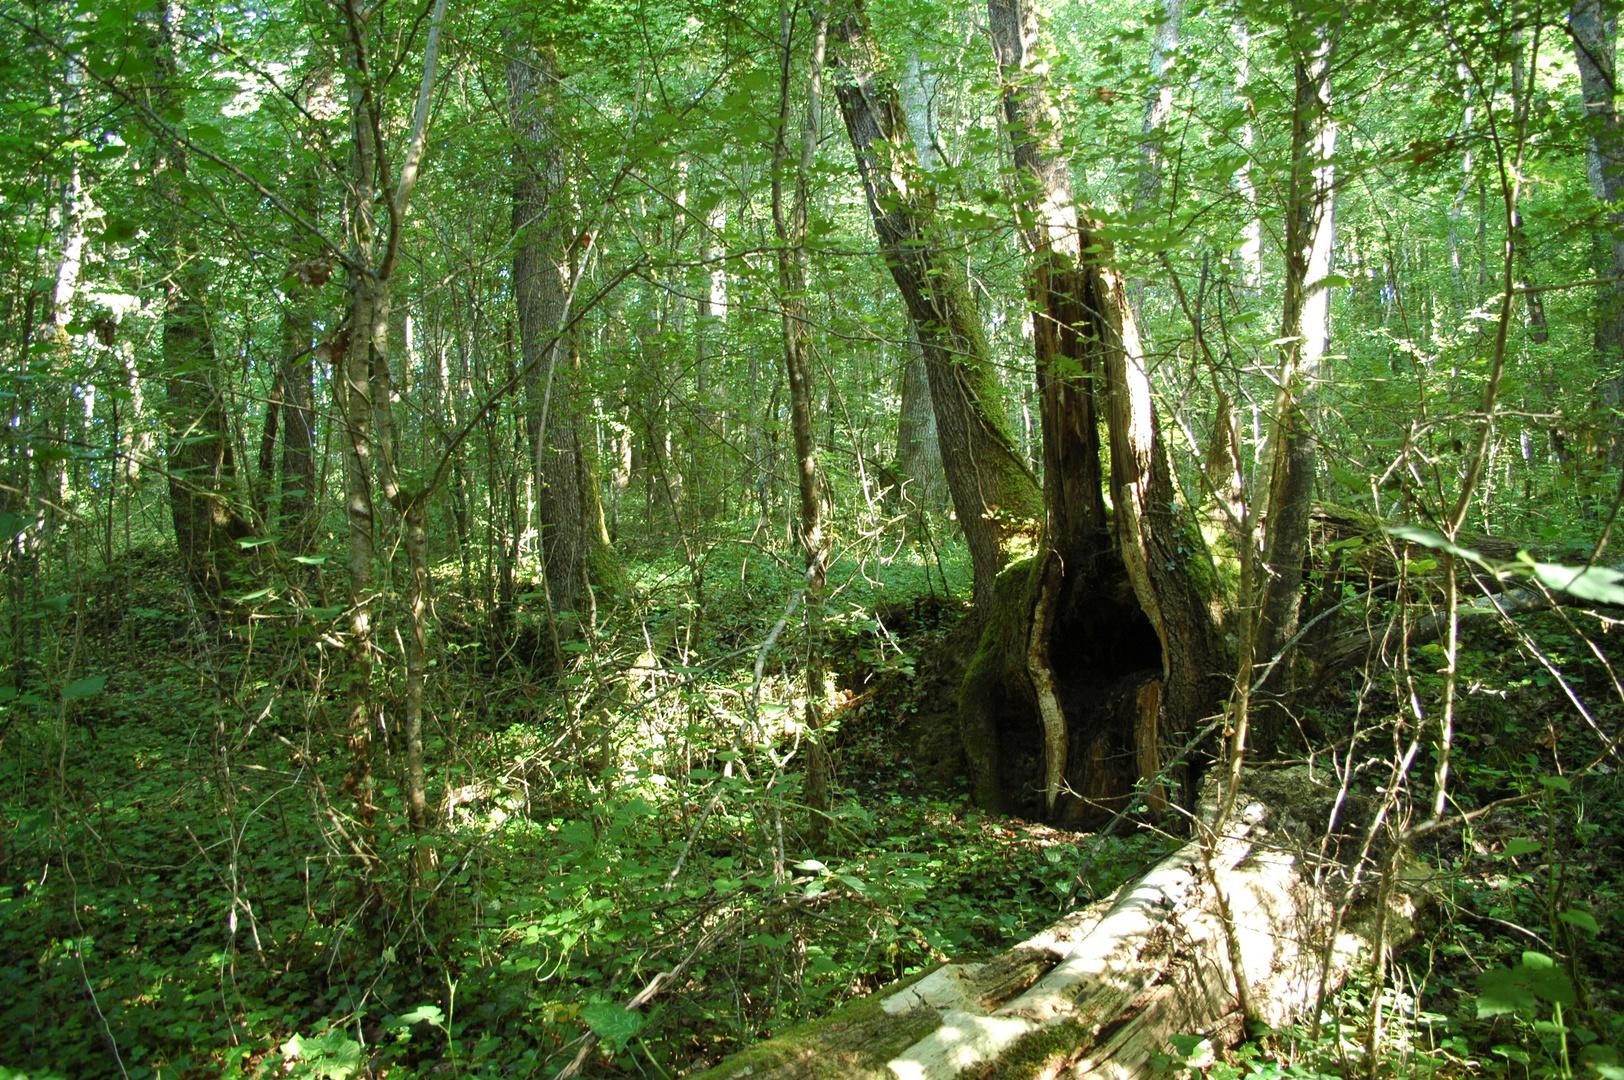 L'arbre cheminé